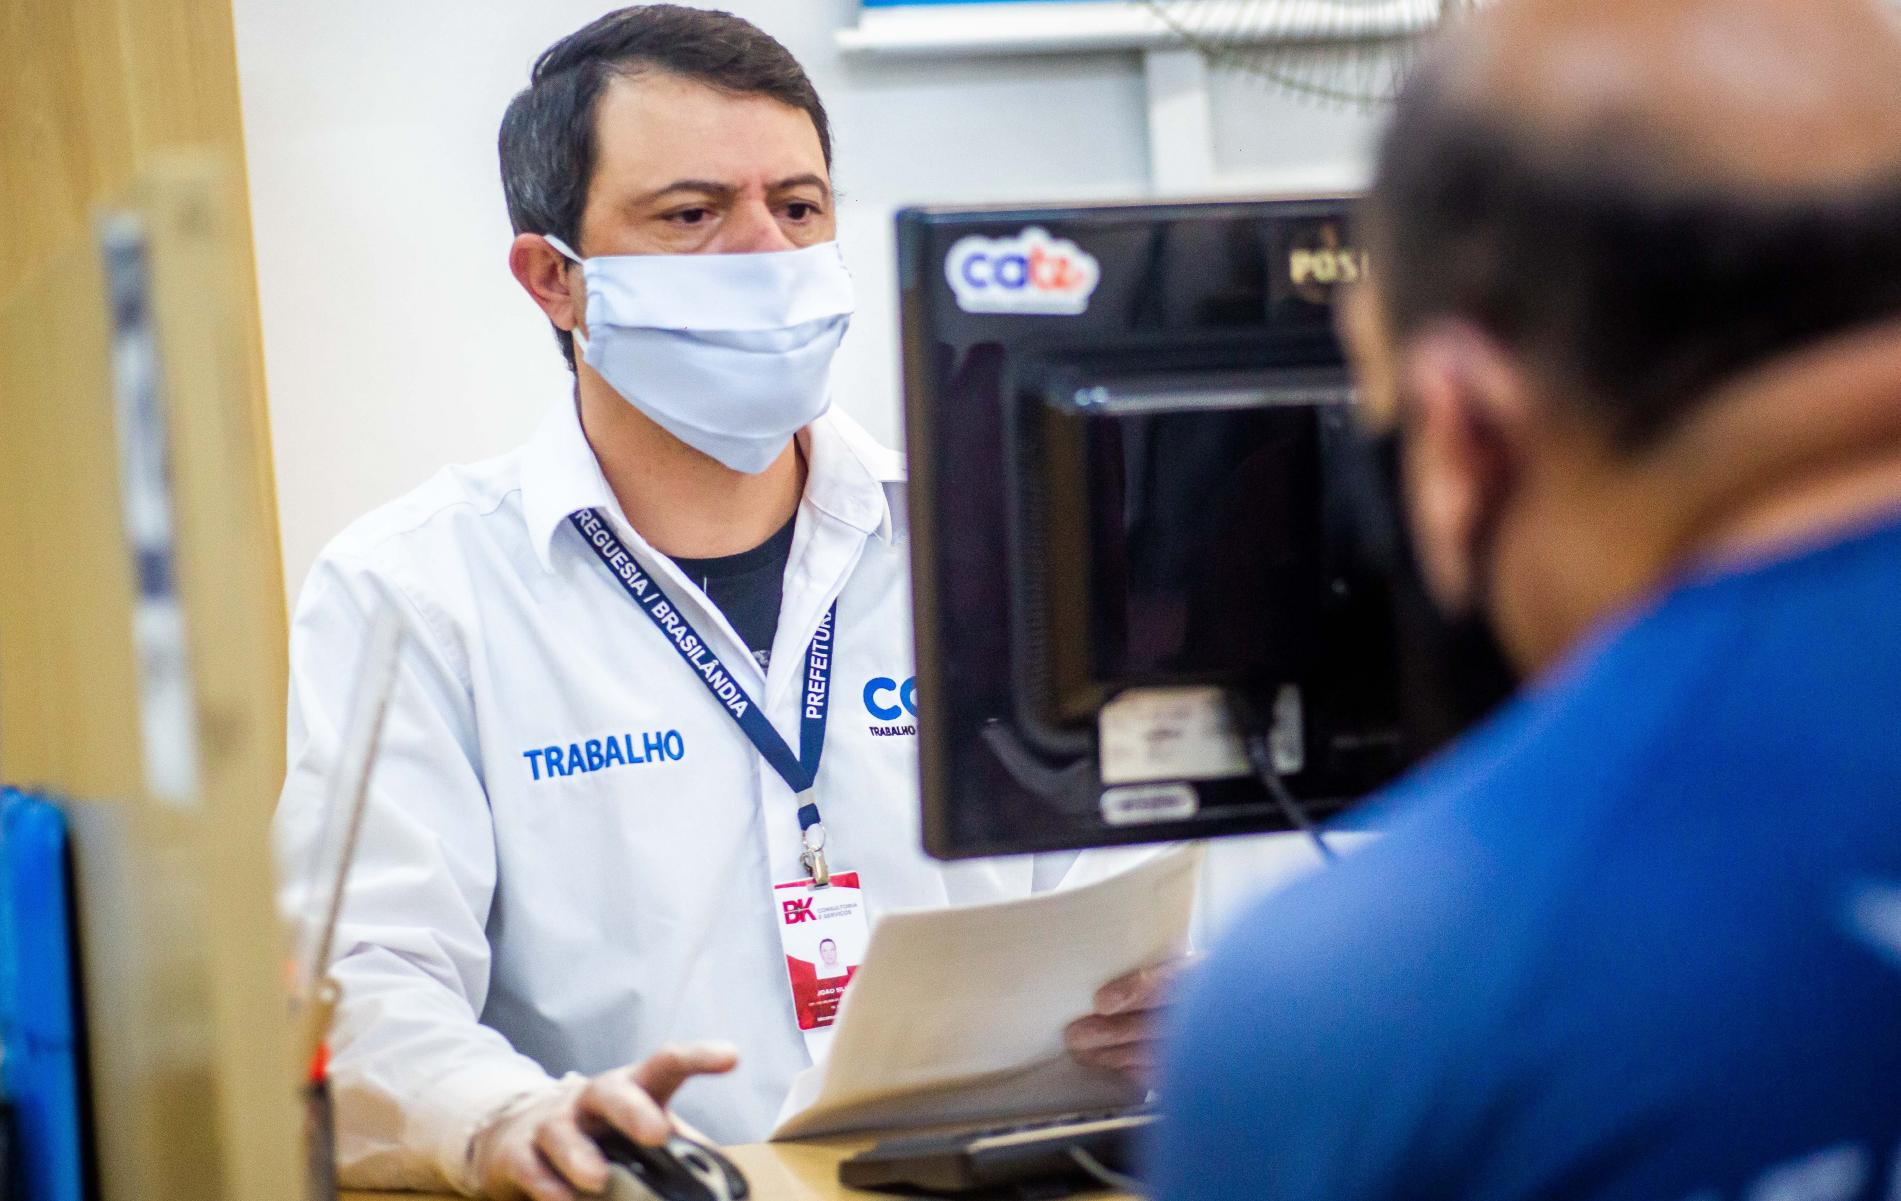 Profissionais das unidades Cate têm ajudado a população nos processos seletivos das áreas de saúde, varejo e entregas. (Divulgação: Prefeitura de São Paulo)